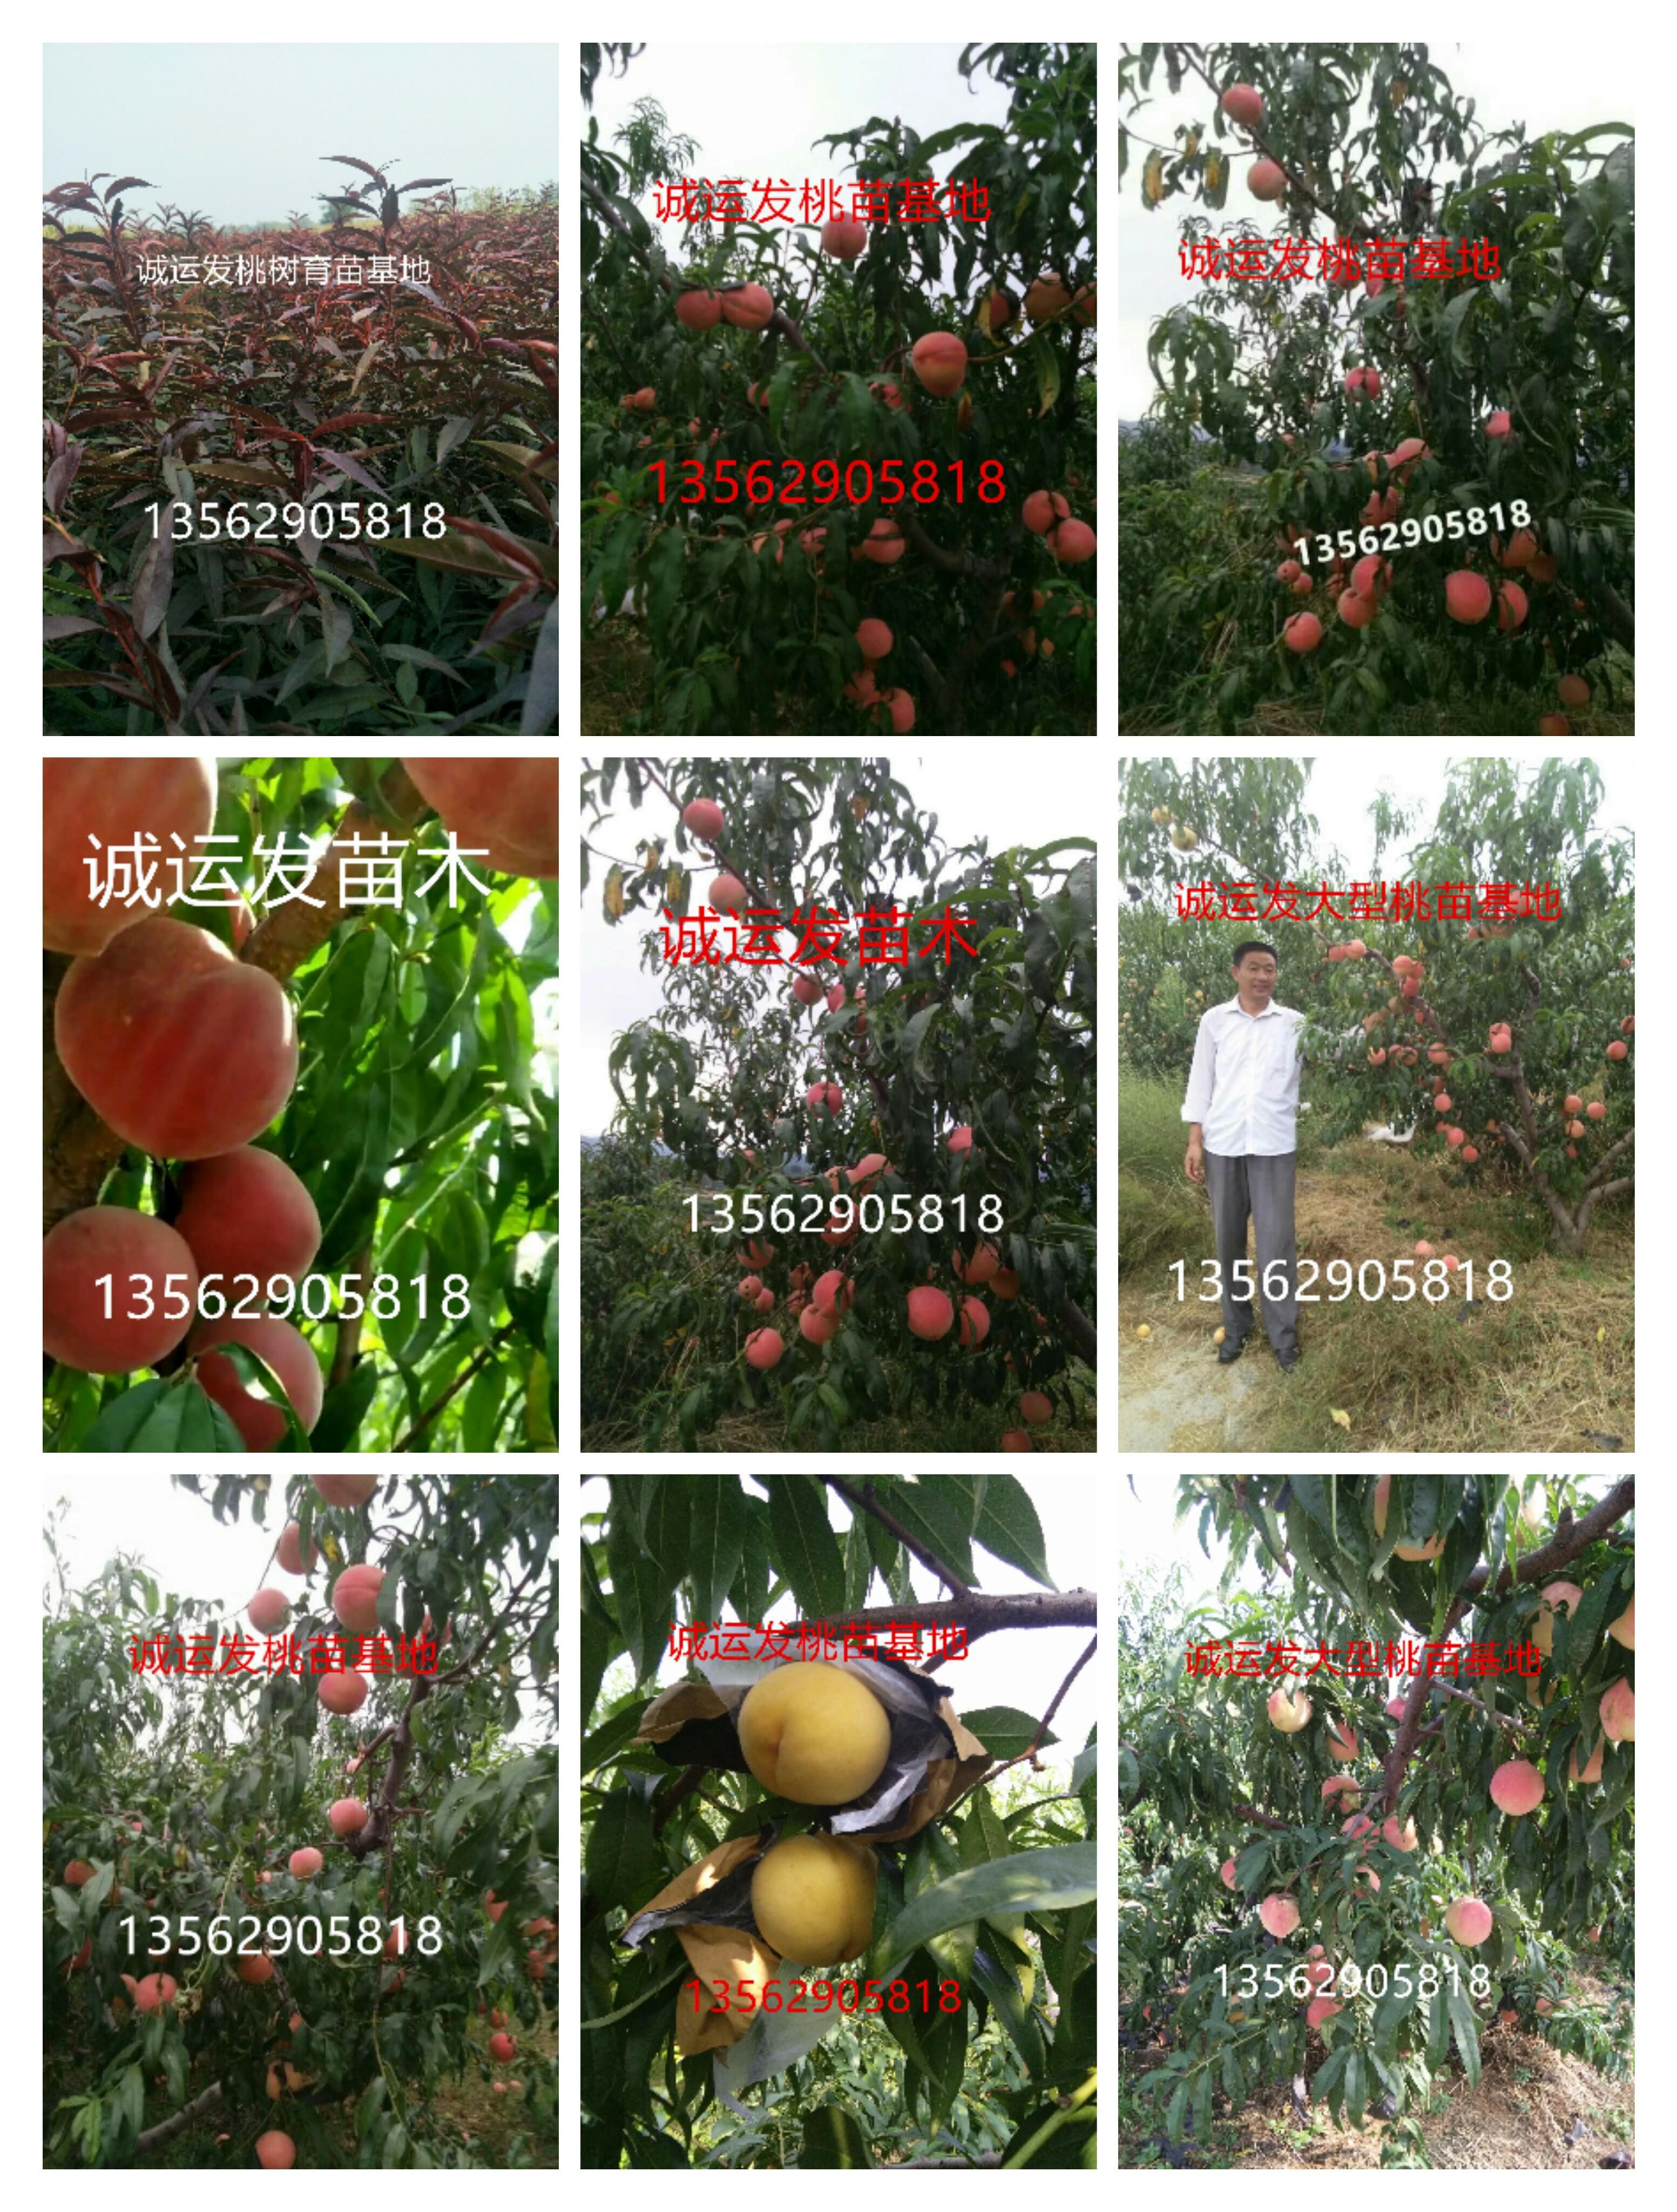 六月上旬早熟黄桃山东晚成熟的冬桃